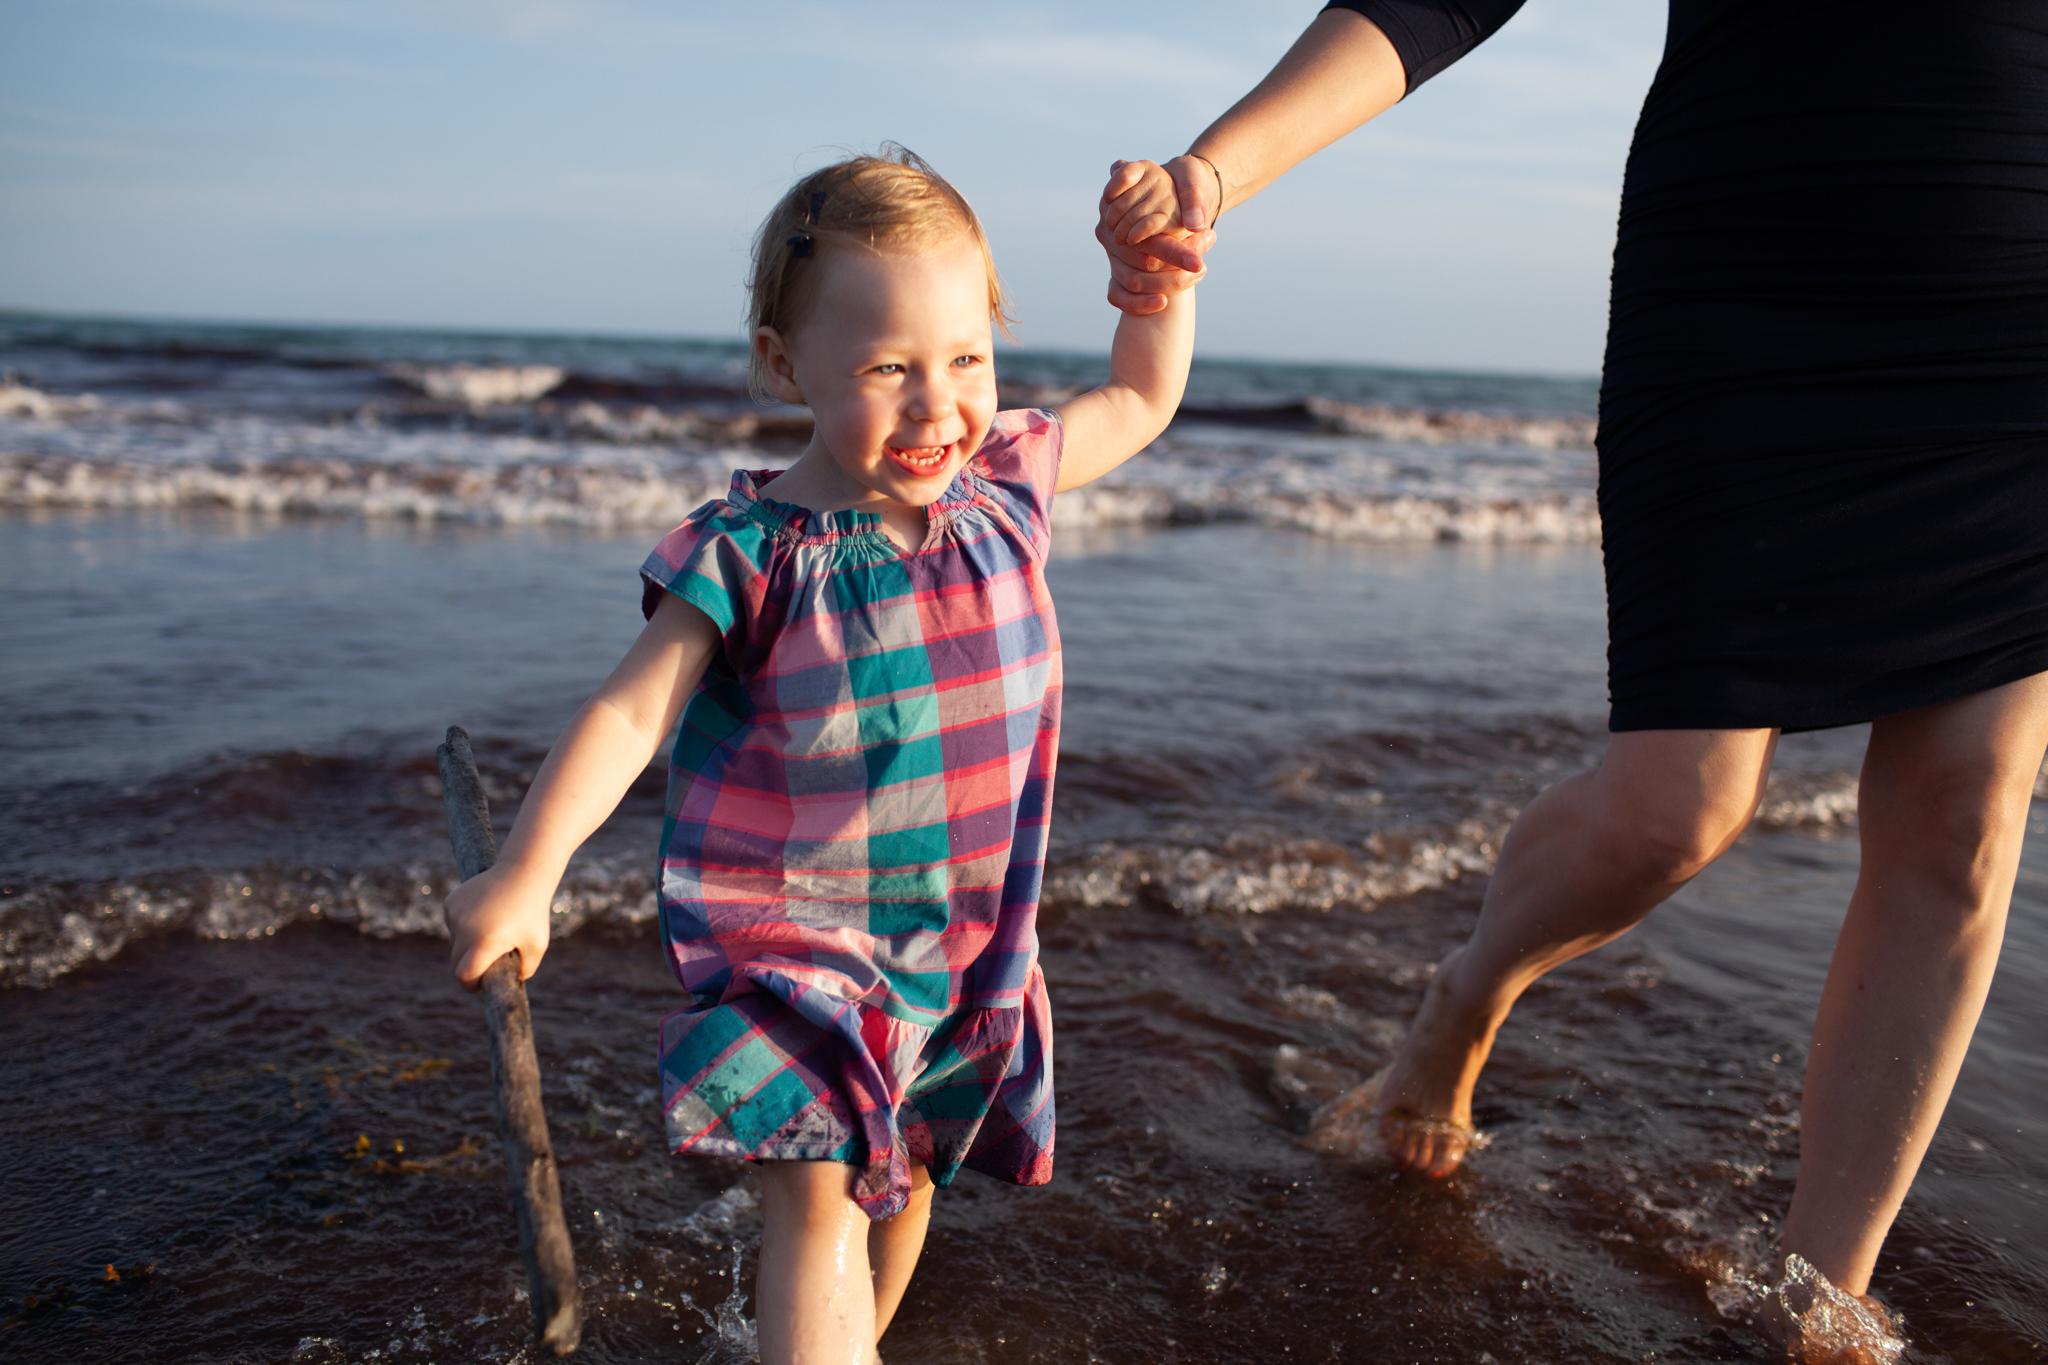 maine-family-photography-pine-point- beach-36.jpg